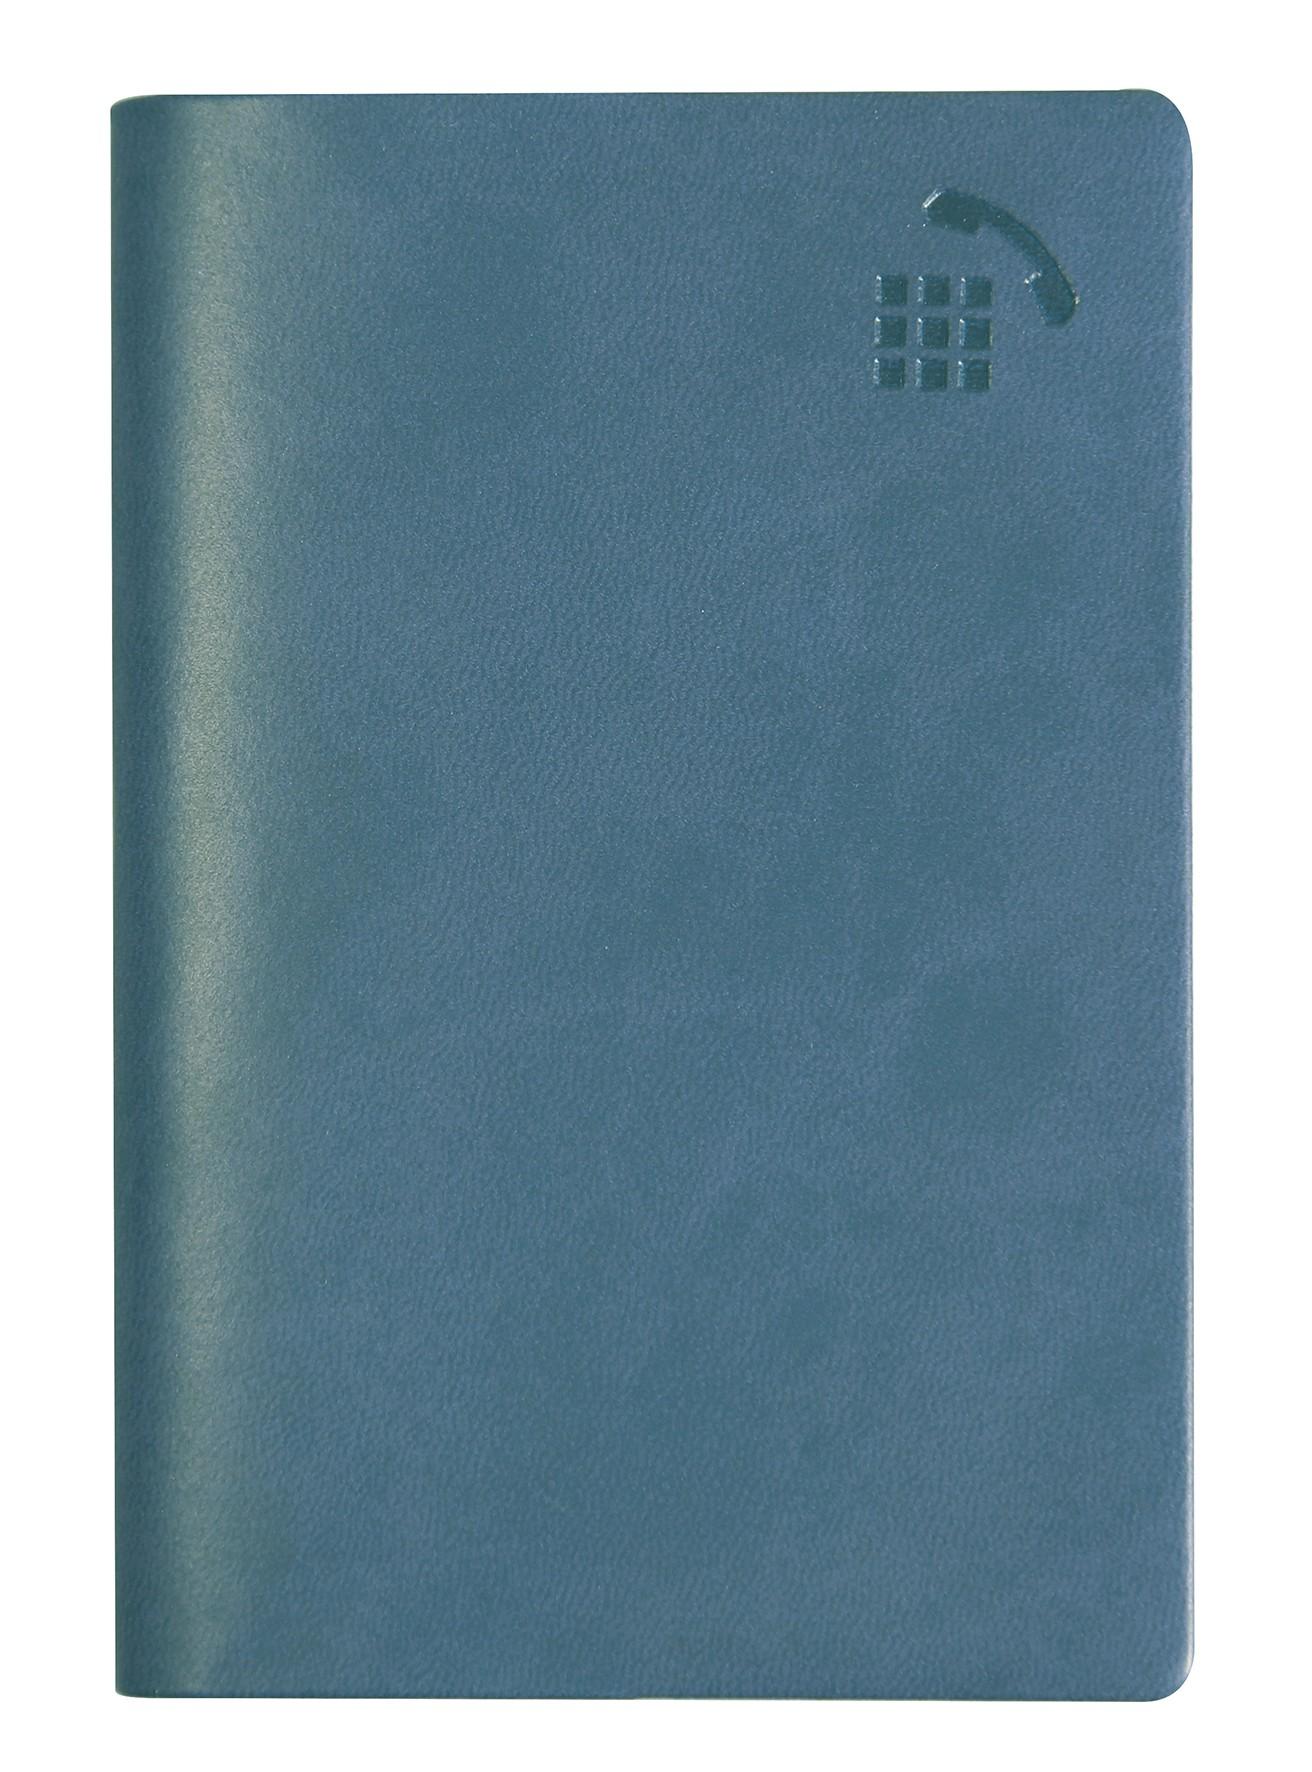 Répertoire Carnet d'adresses Winner - 9 x 13 cm - disponible dans différentes couleurs - Exacompta